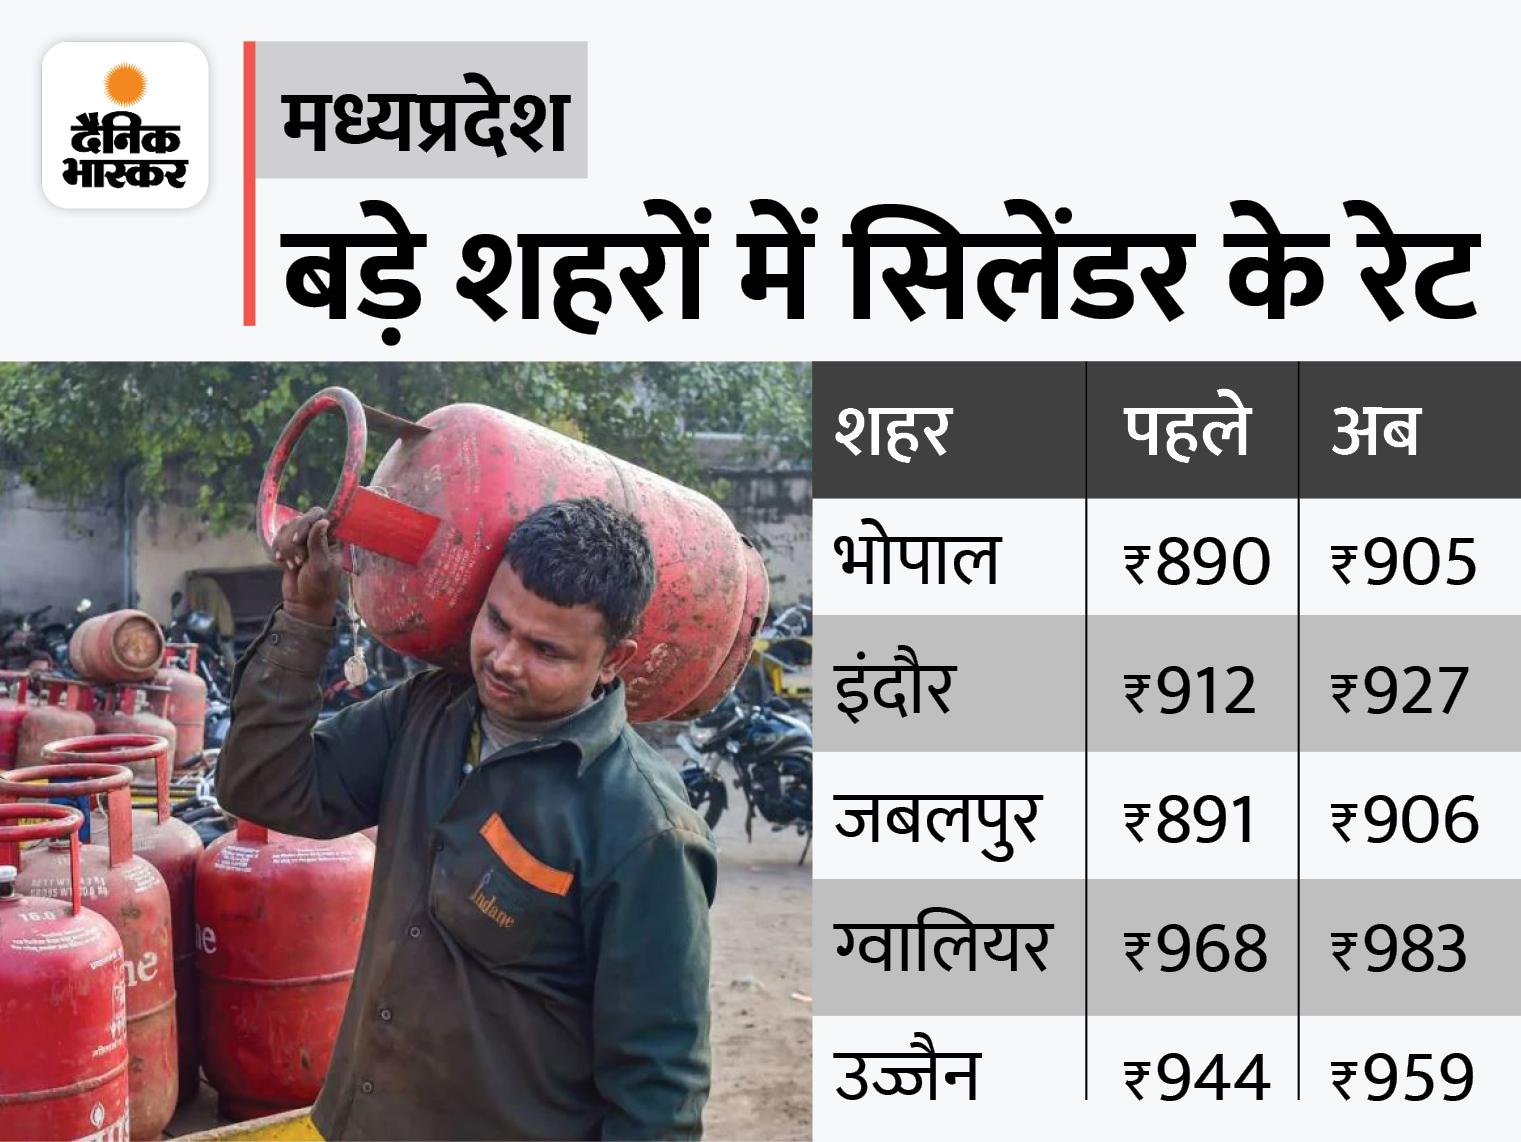 दिल्ली-मुंबई से महंगा सिलेंडर, भोपाल में 905 रुपए में मिलेगा, 10 महीने में 205 रुपए बढ़े; ग्वालियर, भिंड-मुरैना में सबसे महंगा|मध्य प्रदेश,Madhya Pradesh - Dainik Bhaskar